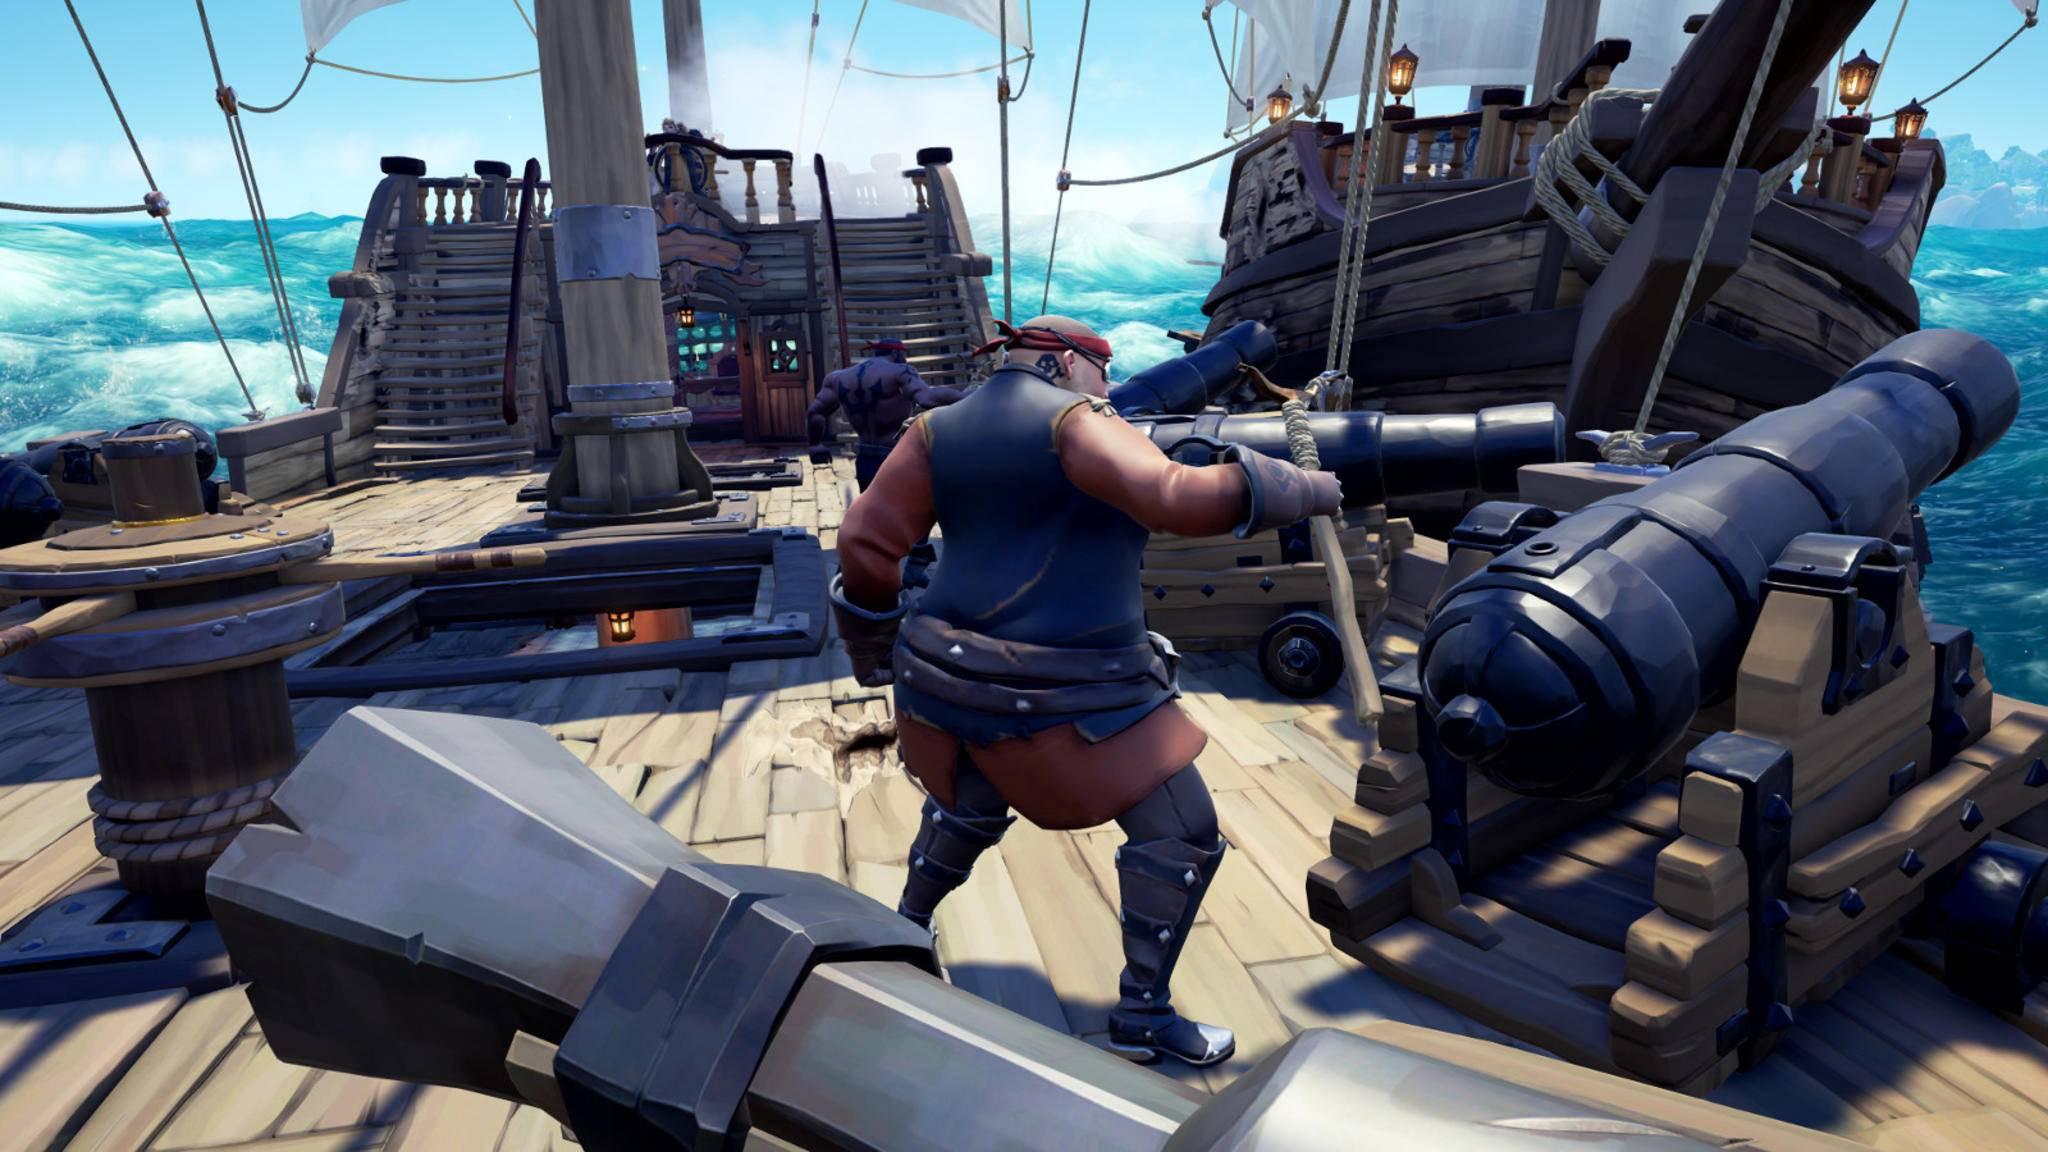 """Selbst das in Cartoon-Optik gehaltene """"Sea of Thieves"""" läuft auf der Xbox One X nur mit 30 FPS."""